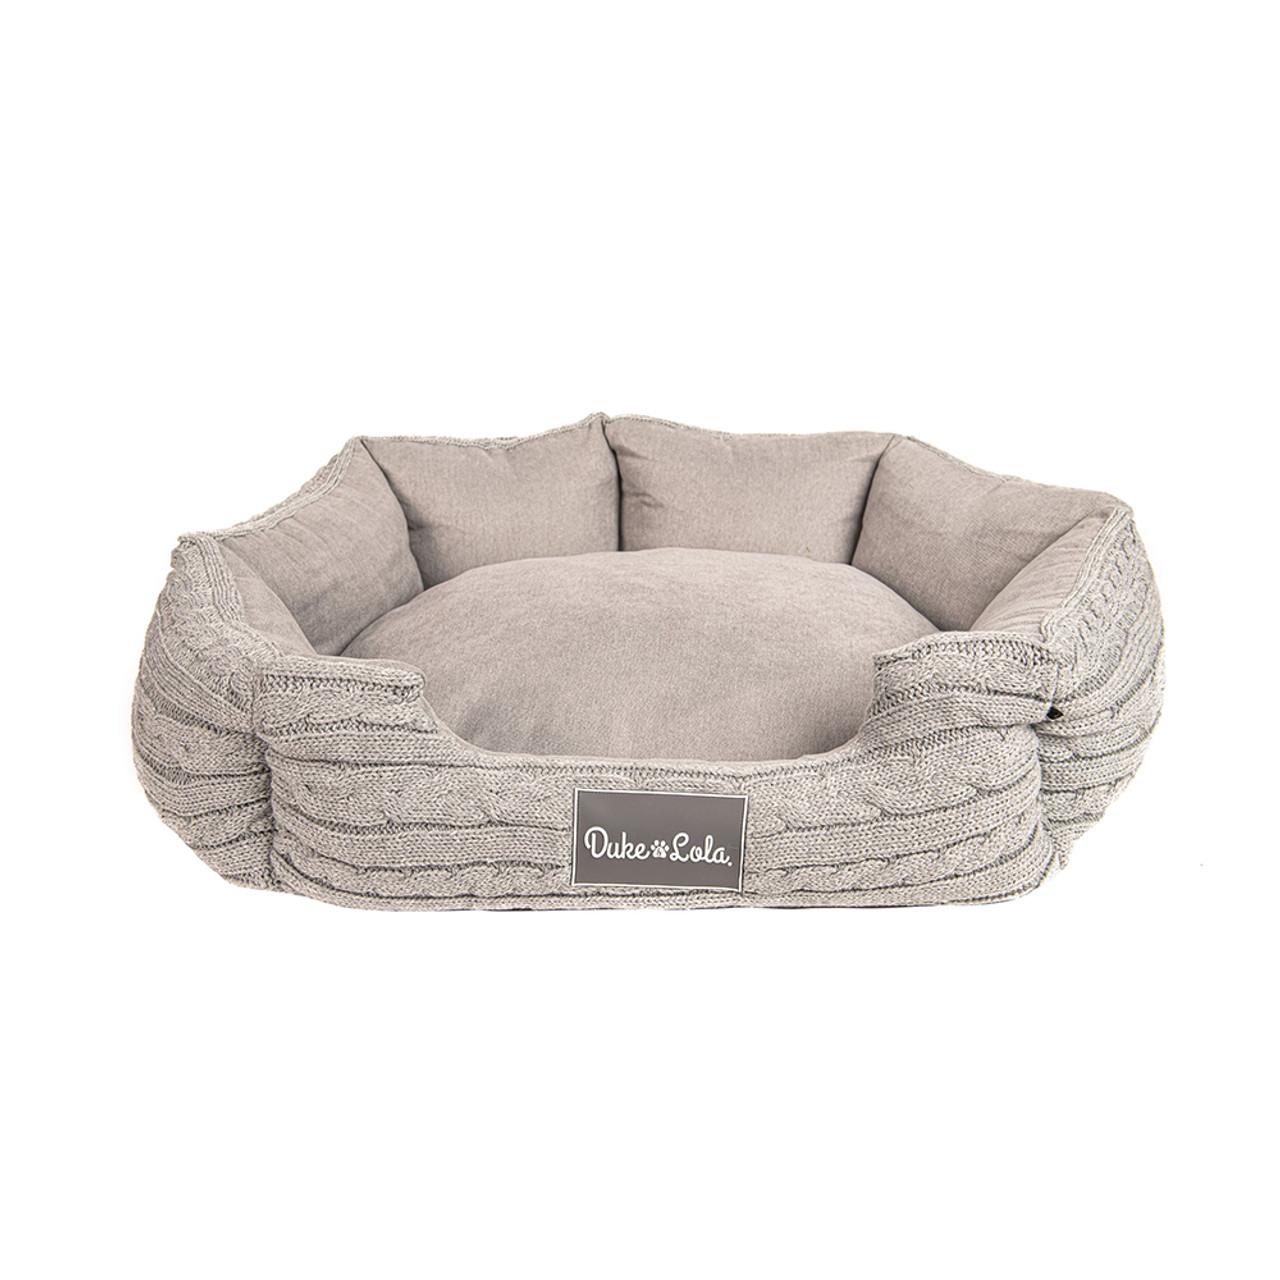 Duke & Lola Nuzzle Grey Memory Foam Dog Bed